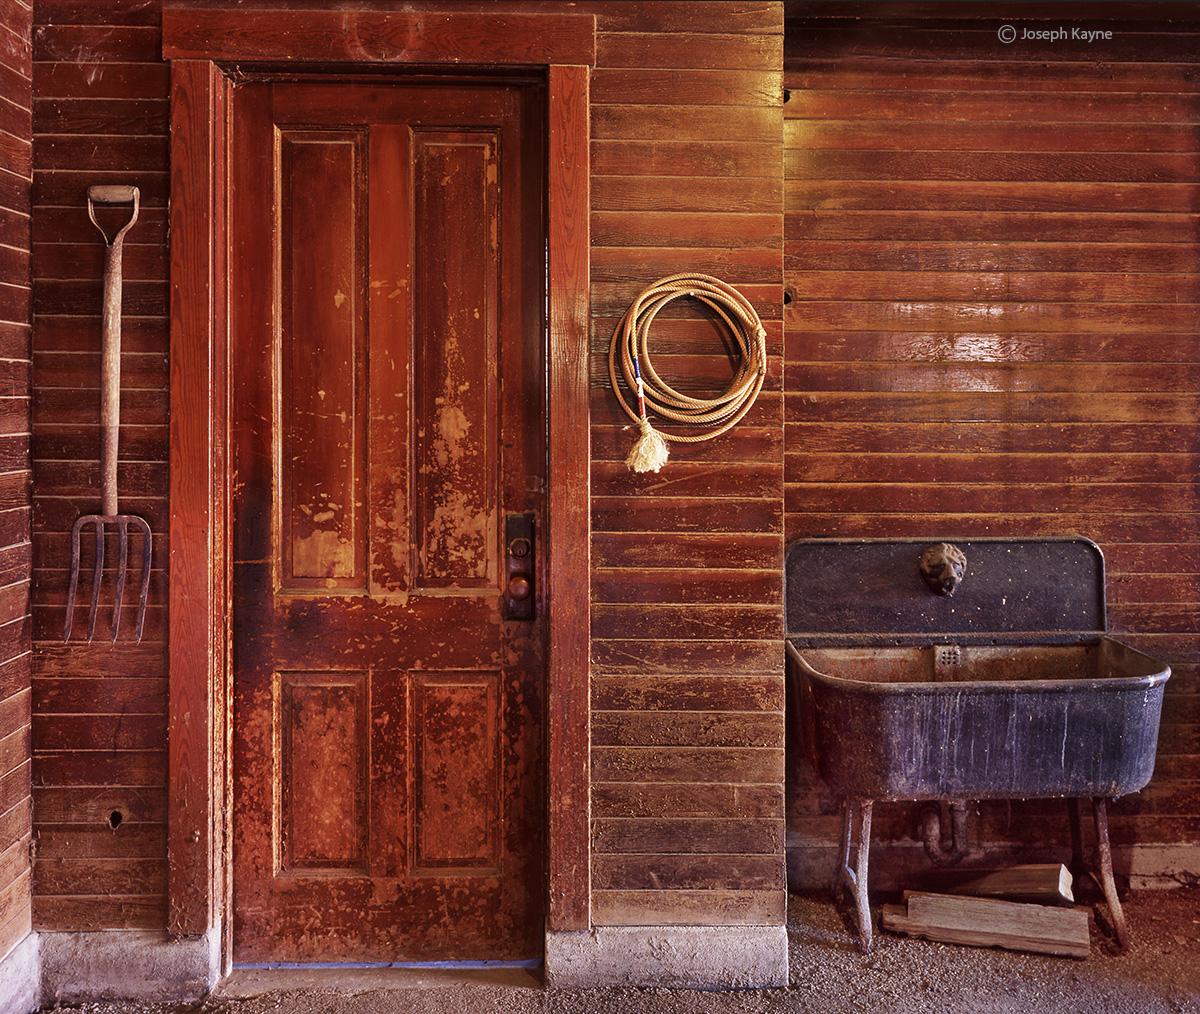 ryerson,barn,interior,illinois, photo